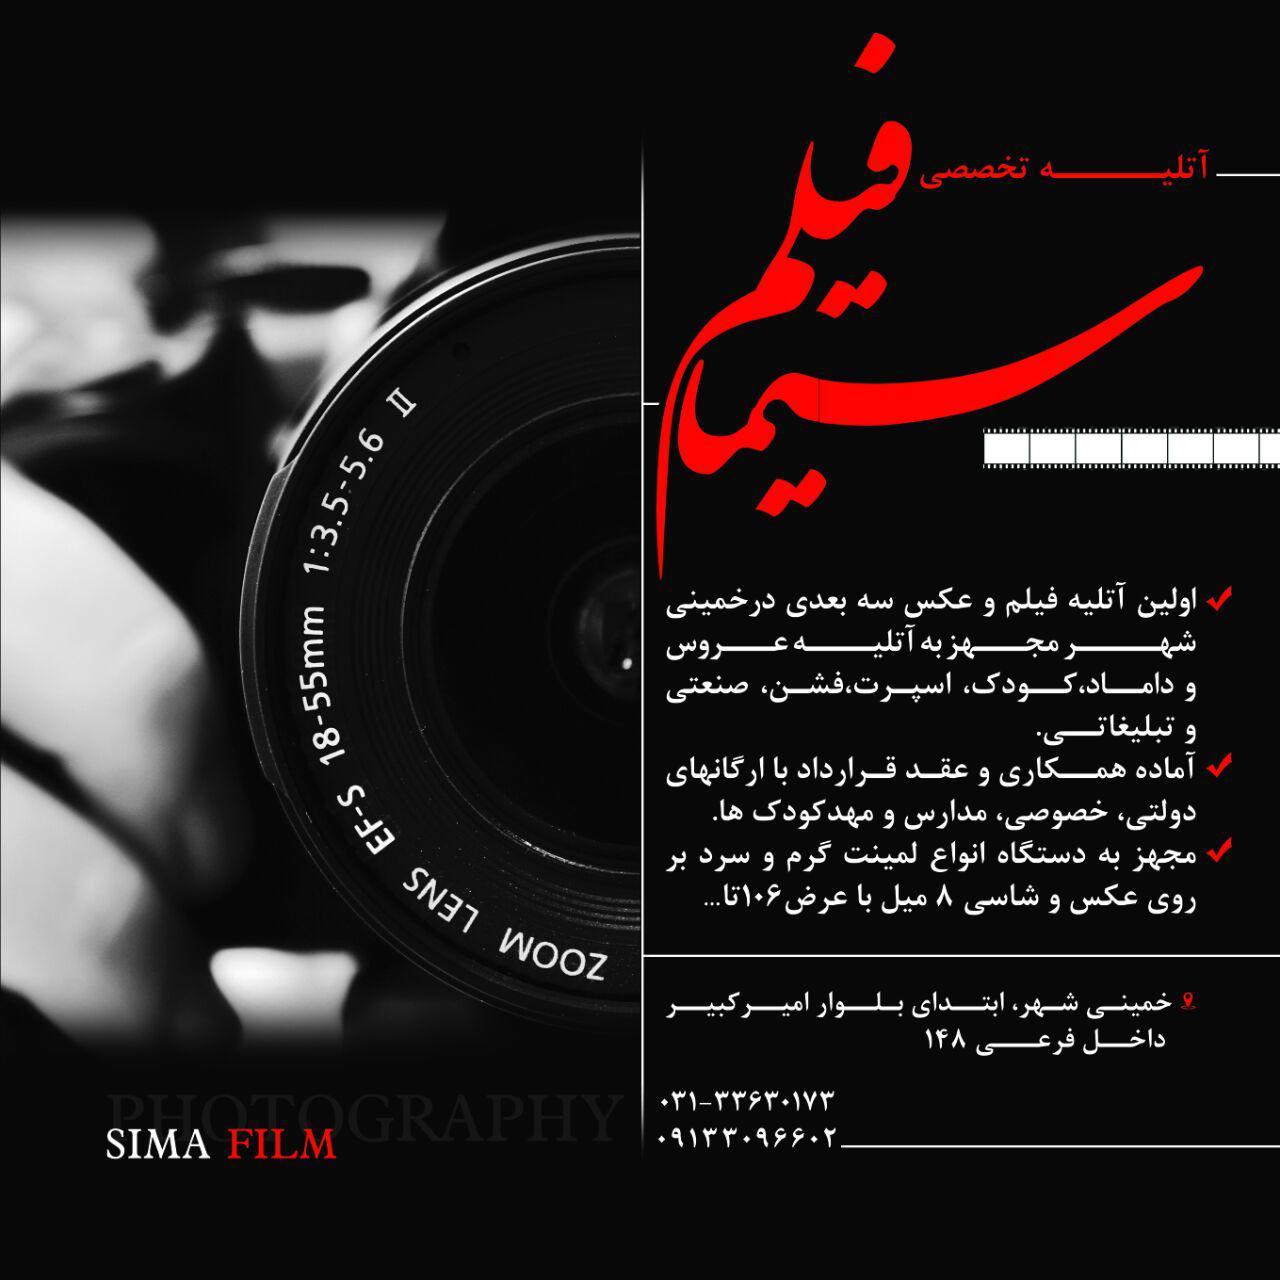 استودیو سیما فیلم در خمینی شهر